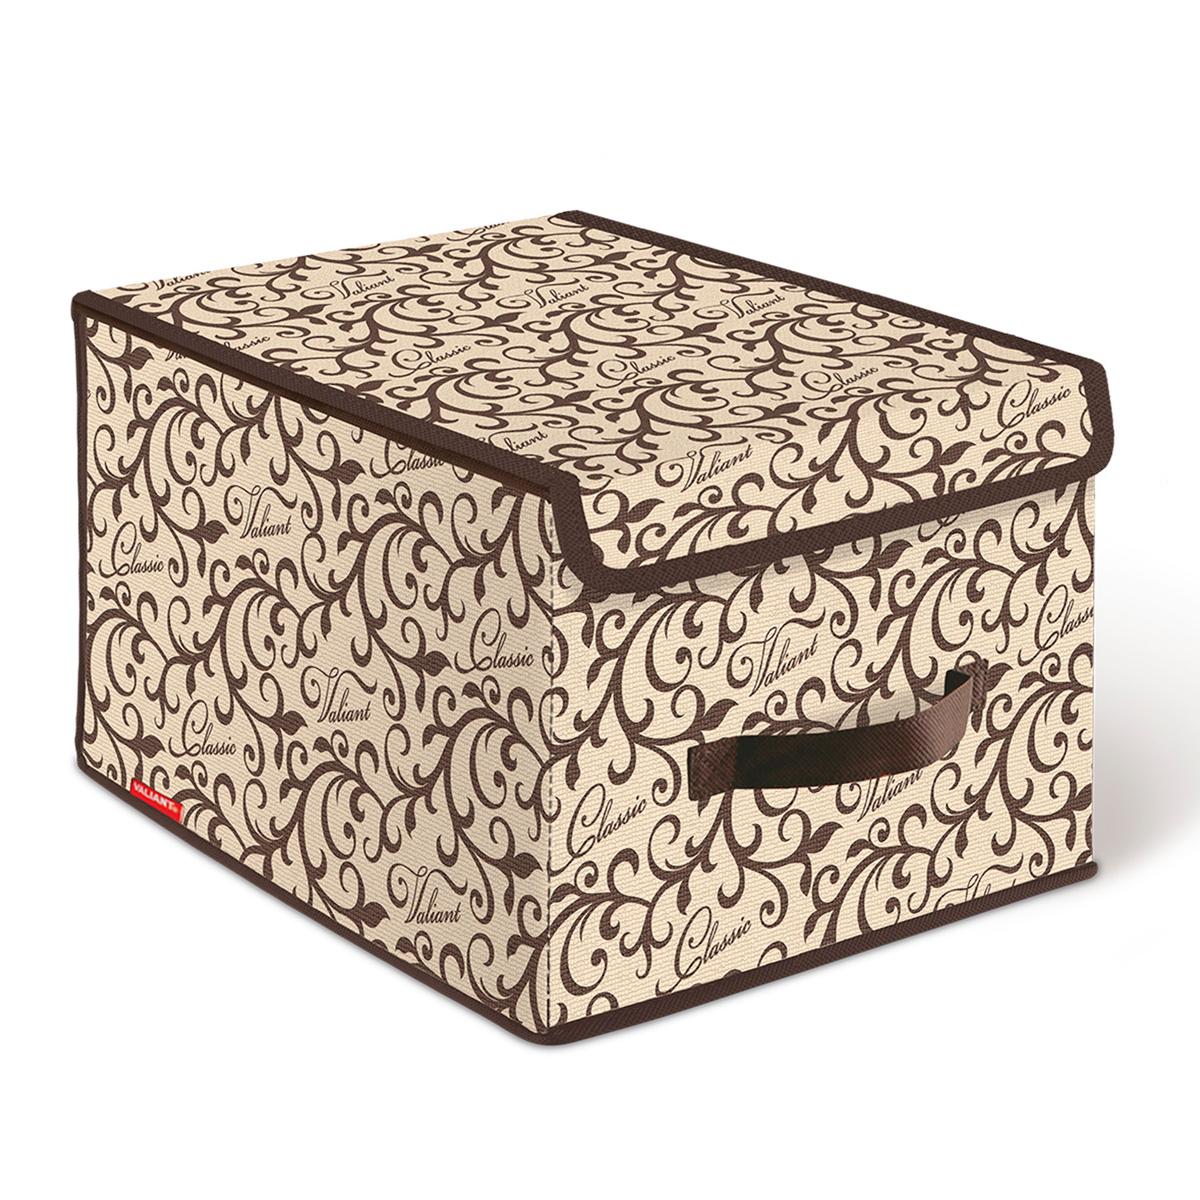 Короб стеллажный Valiant Classic, с крышкой, 30 х 40 х 25 смCL-BOX-LMСтеллажный короб Valiant Classic изготовлен из высококачественного нетканого материала, который обеспечивает естественную вентиляцию, позволяя воздуху проникать внутрь, но не пропускает пыль. Вставки из плотного картона хорошо держат форму. Короб снабжен специальной крышкой, которая фиксируется с помощью липучек. Изделие отличается мобильностью: легко раскладывается и складывается. В таком коробе удобно хранить одежду, белье и мелкие аксессуары. Оригинальный дизайн Classic погружает в романтическую атмосферу. Система хранения в едином дизайне станет стильным акцентом в современном гардеробе.